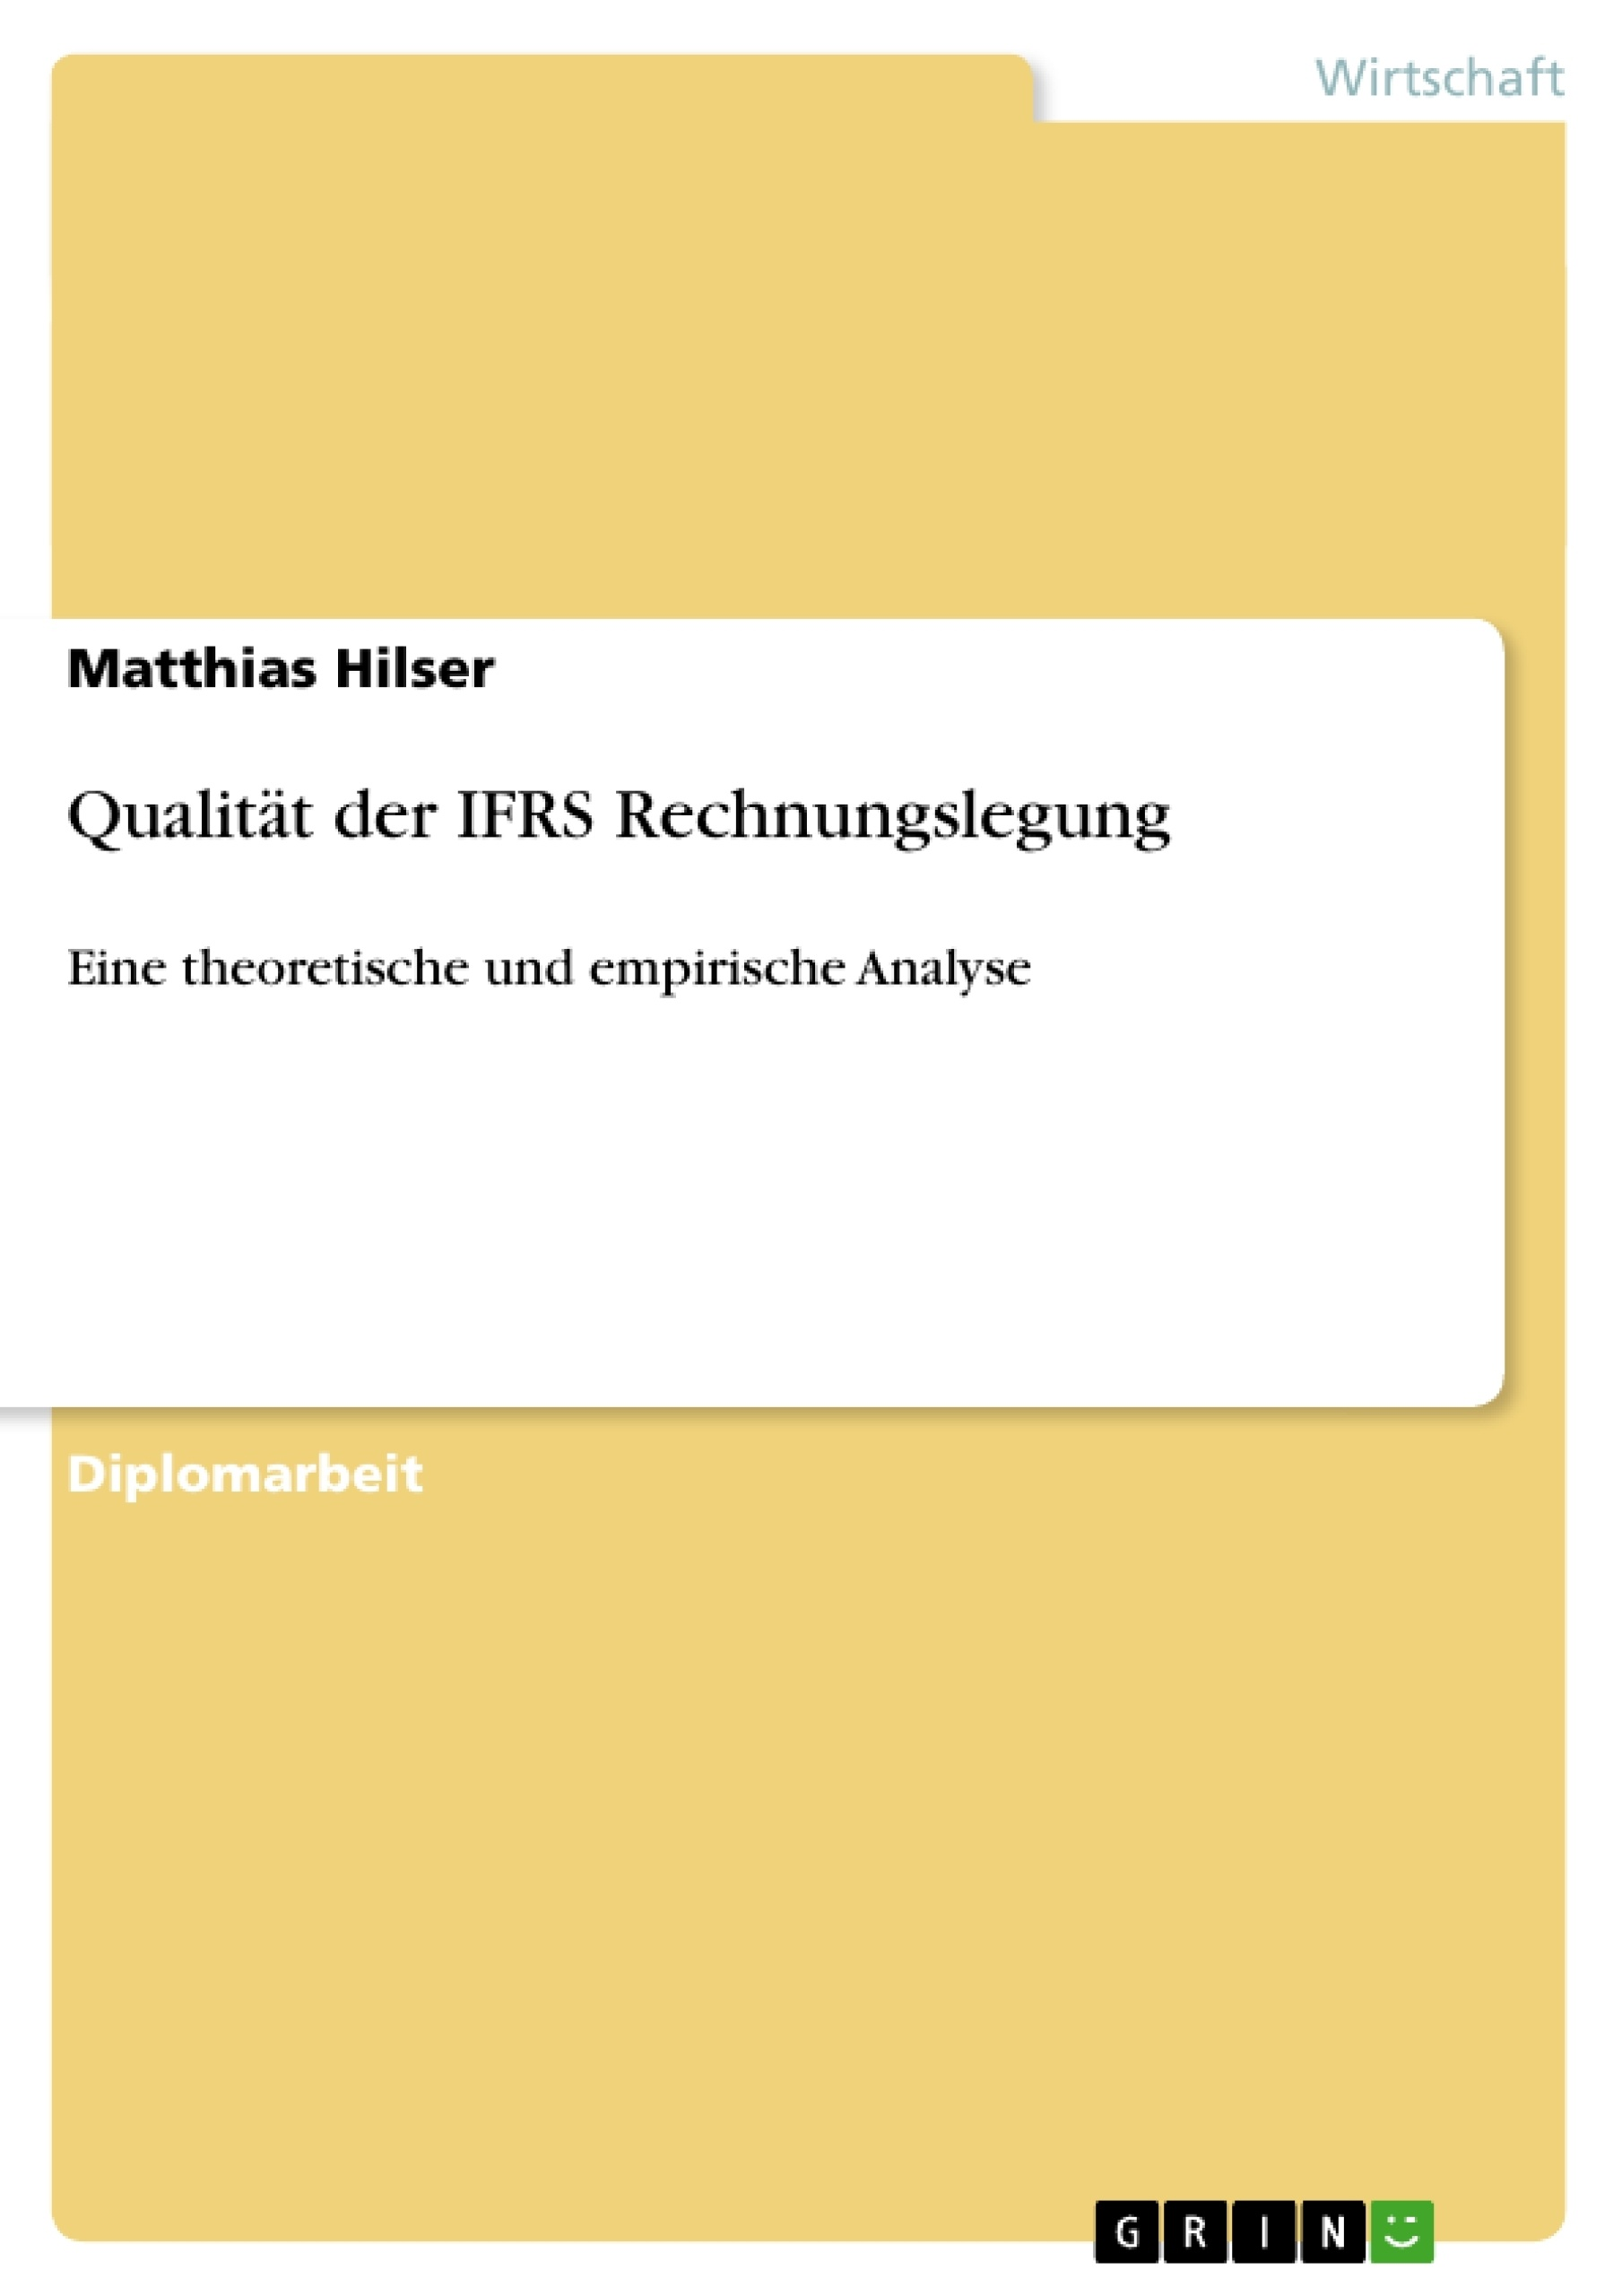 Titel: Qualität der IFRS Rechnungslegung